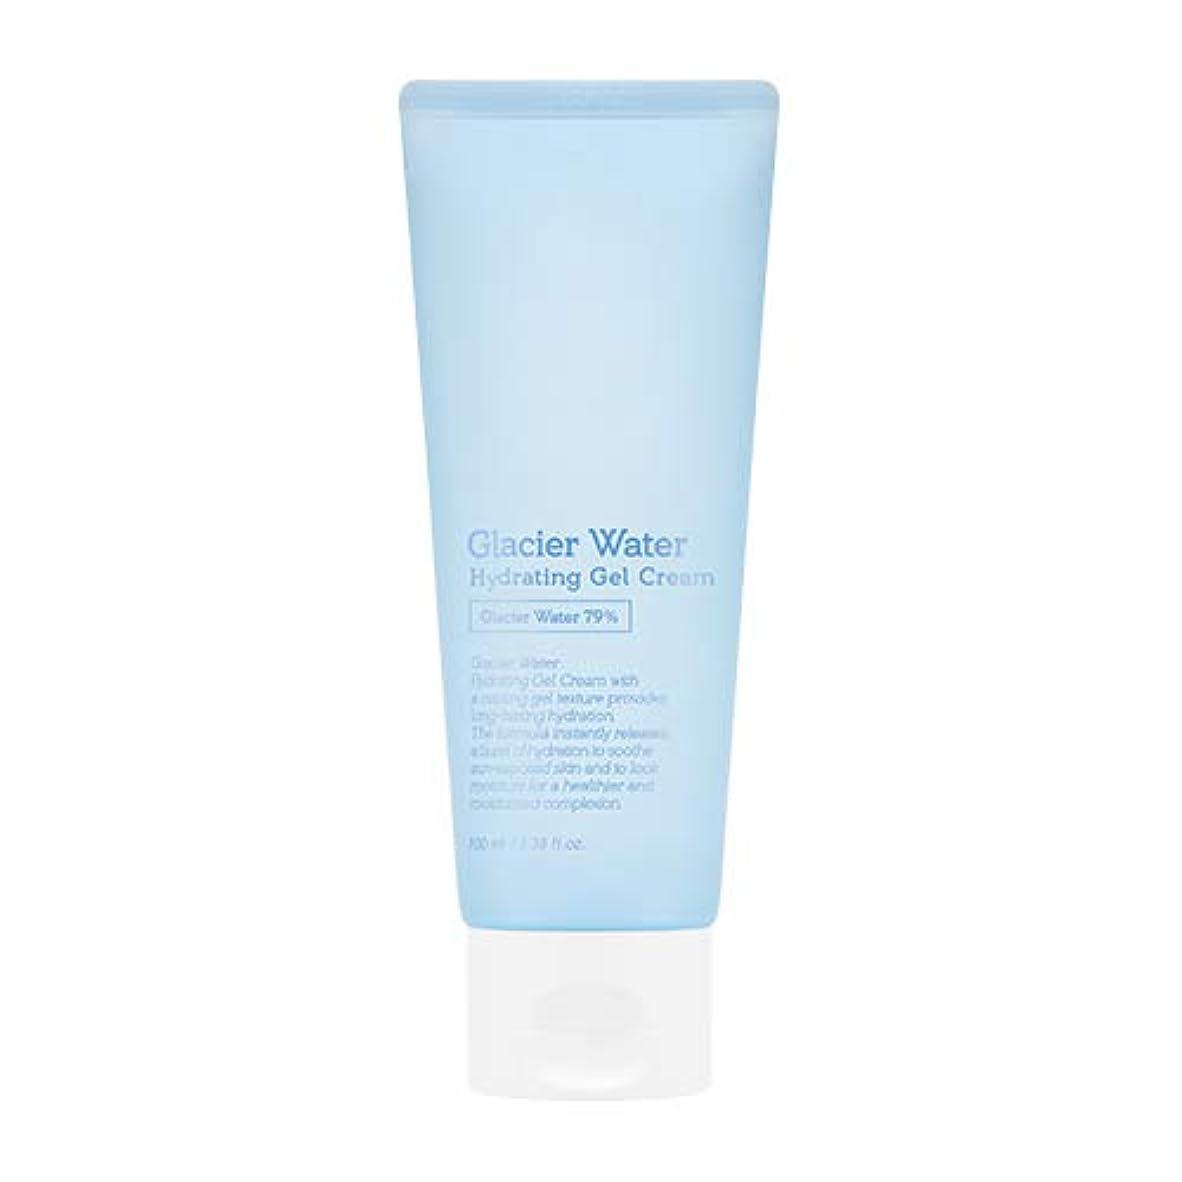 シニス遠えハンカチアピュ 氷河水 ハイドレーティングゲルクリーム [大容量] / A'PIEU Glacier Water Hydrating Gel Cream 100ml [並行輸入品]